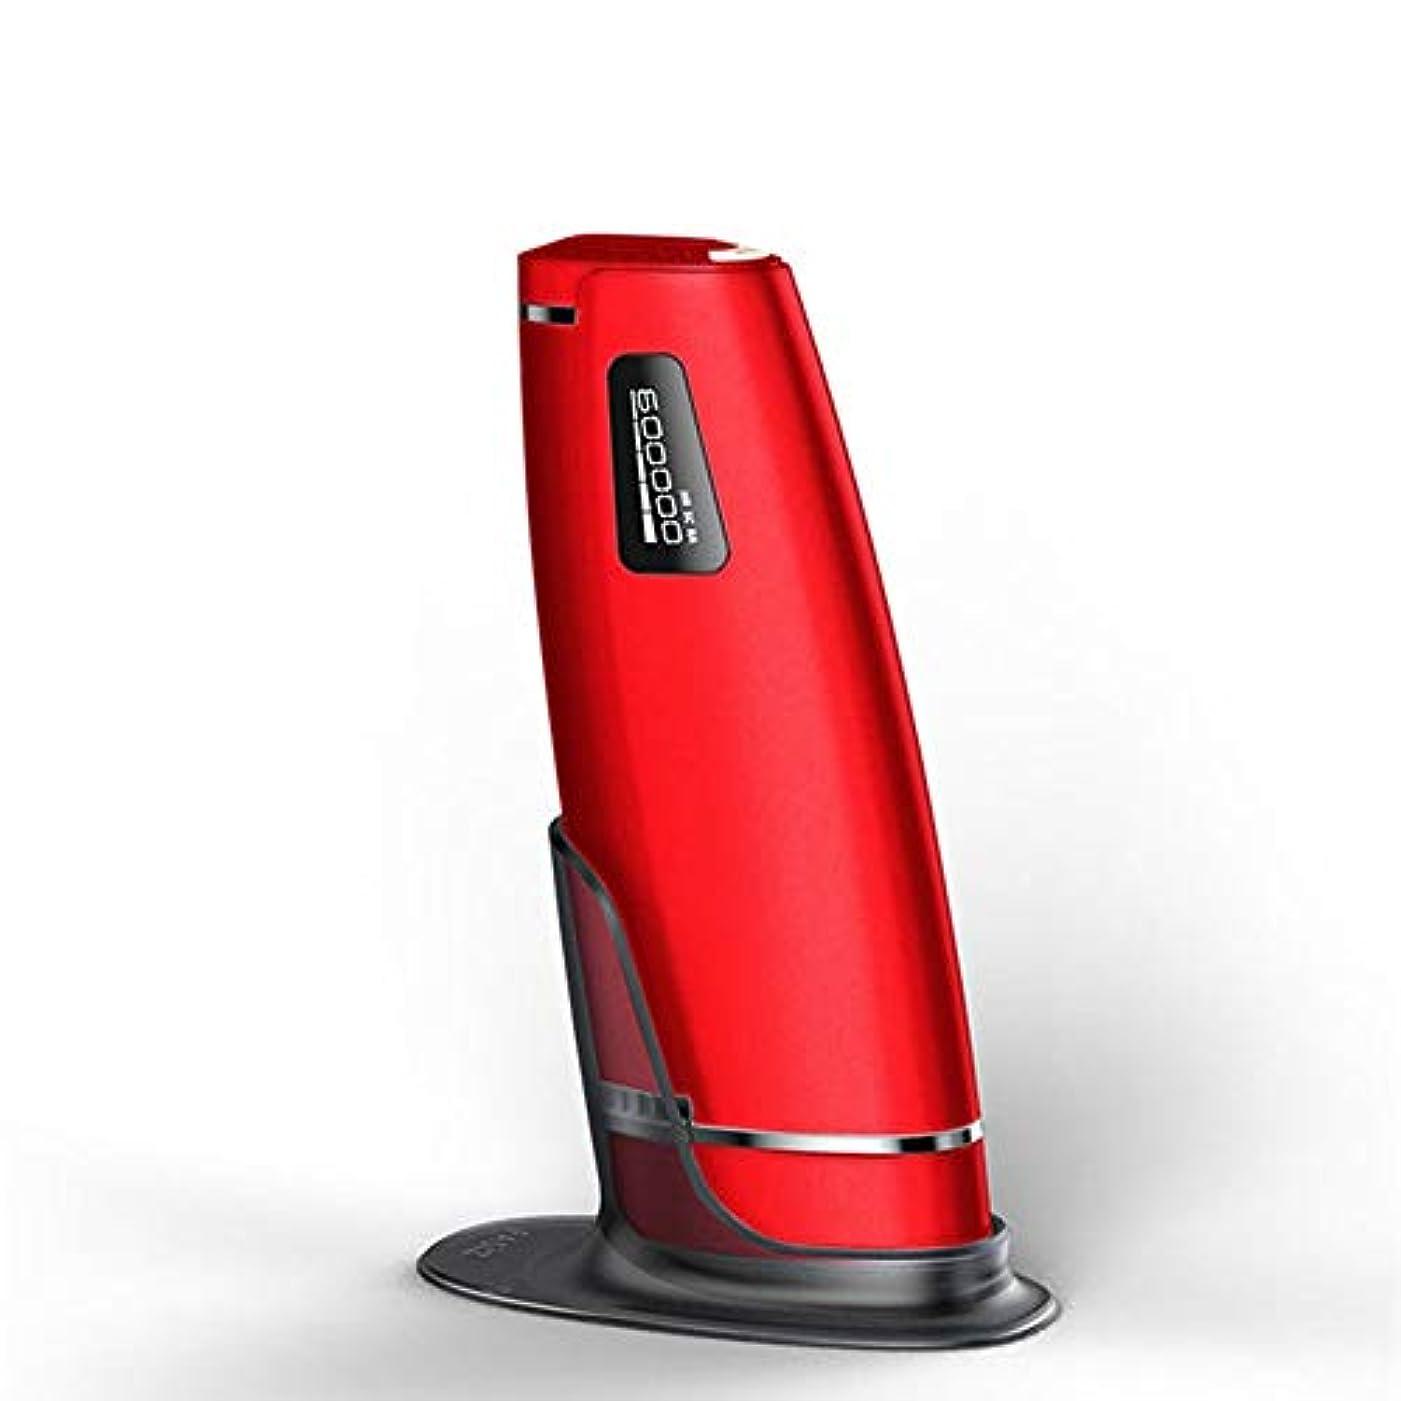 有力者活性化贅沢なダパイ 赤、デュアルモード、ホームオートマチック無痛脱毛剤、携帯用永久脱毛剤、5スピード調整、サイズ20.5 X 4.5 X 7 Cm U546 (Color : Red)